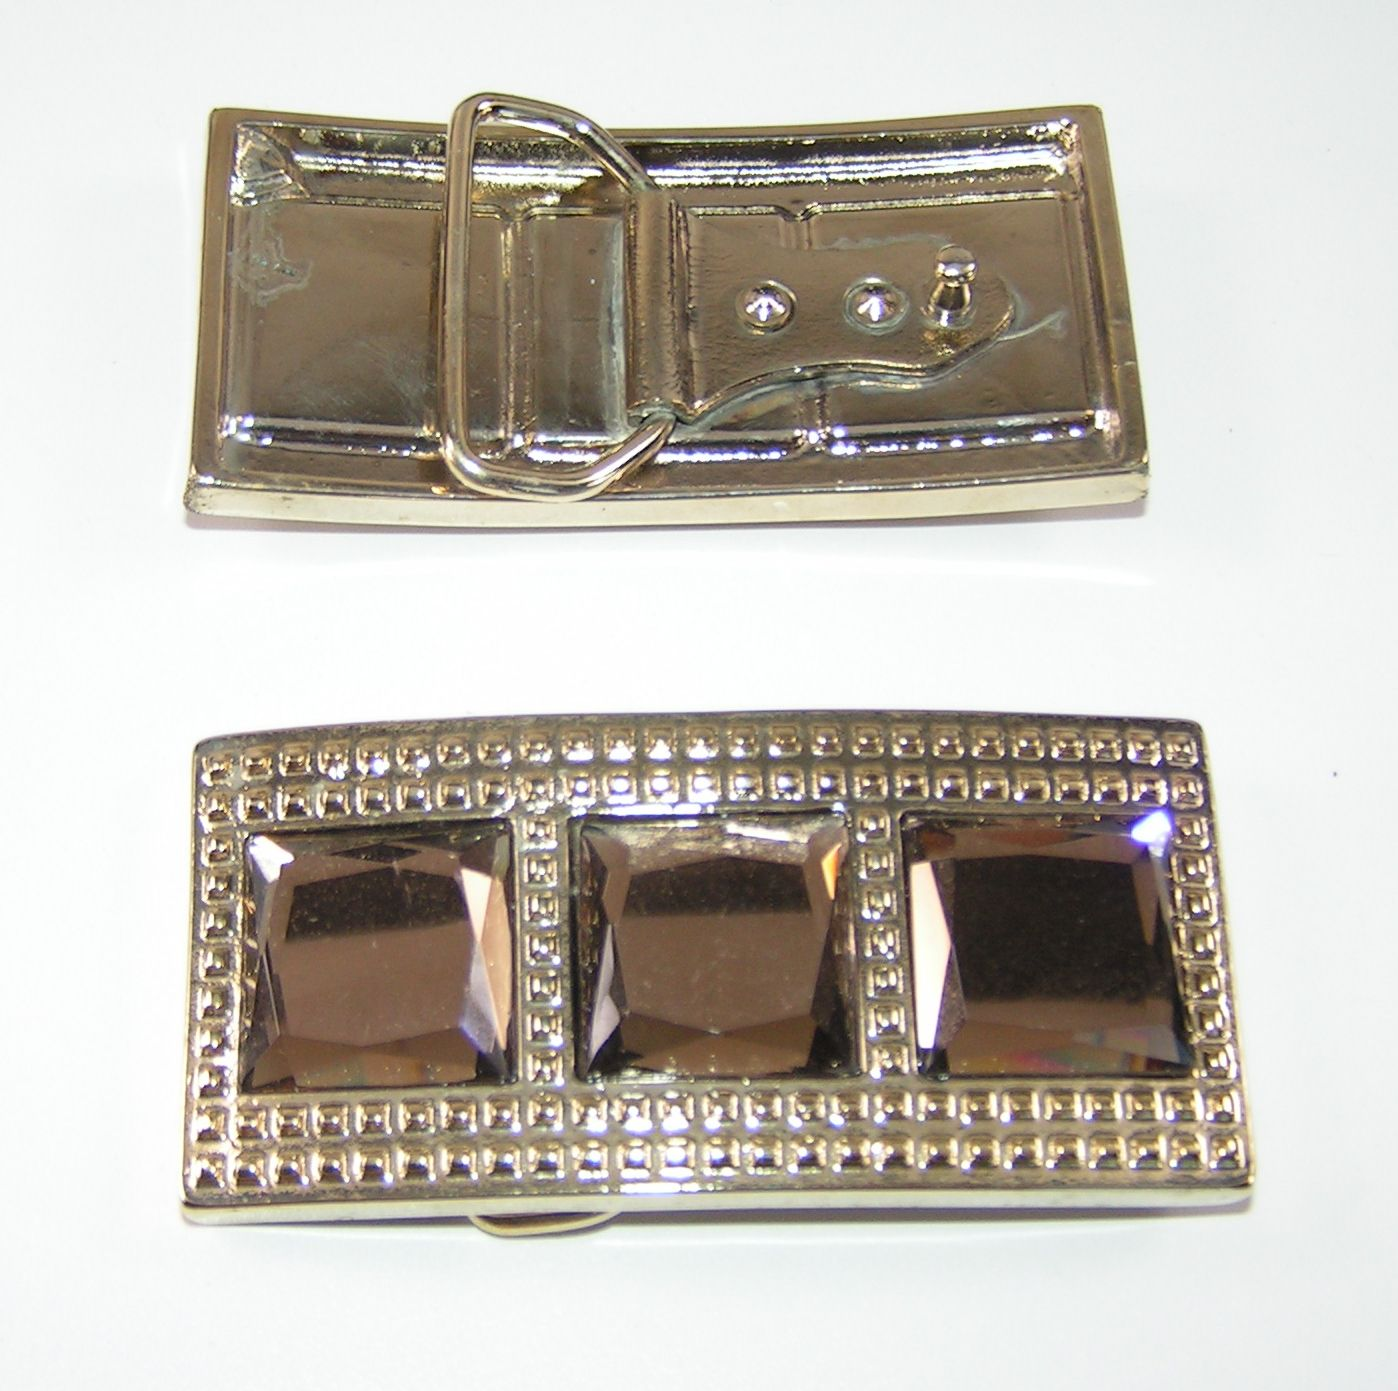 Gürtelschnalle Schließe Schnalle mit Strasssteine 2,4 cm silber NEUWARE rostfrei